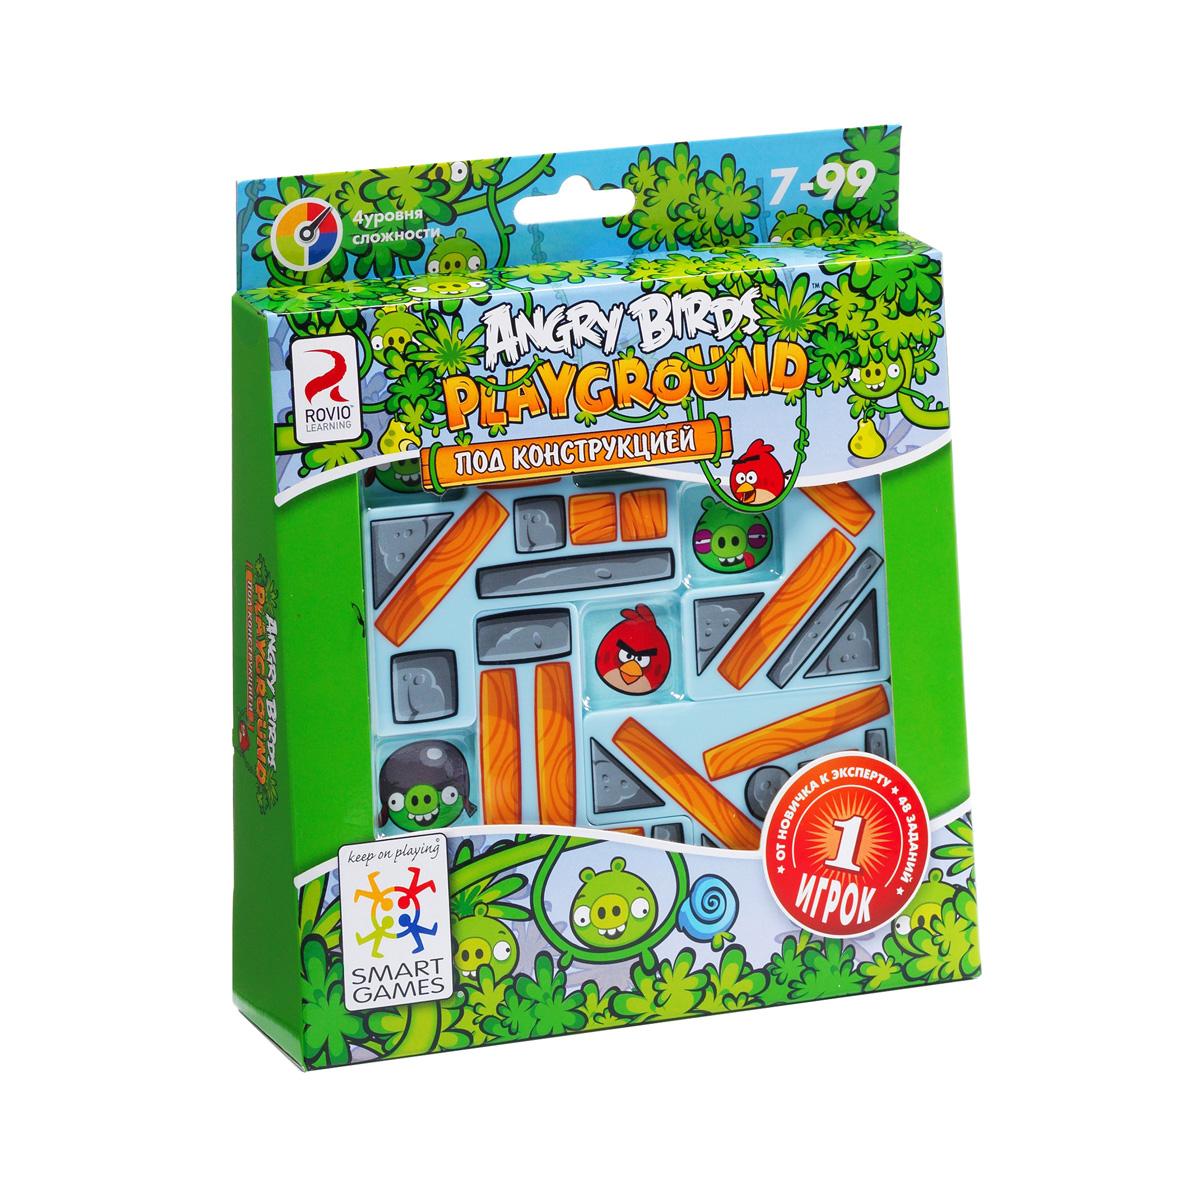 Bondibon Логическая игра Smartgames Angry Birds PlaygroundФ48269Веселый поединок мужественной сердитой птички с бандой злобных зеленых свинок. Никто уже не помнит, отчего рассердились маленькие круглые птички на зеленых свинок, но теперь они непримиримые враги. В этой игре лишь одна героическая сердитая птичка вынуждена в одиночку противостоять дюжине враждебных свиней. Чтобы выстоять, она должна построить крепость особой неприступной конструкции, используя задания из специальной книжечки. С каждым новым уровнем задача становится все сложнее. Дай глазам отдохнуть от монитора - поиграй в настольную версию популярнейших компьютерных игр. Игра предназначена для одного игрока от 7 лет и старше. Игра имеет 4 уровня сложности. С ее помощью можно развить логическое мышление и познавательные способности, социальное развитие, концентрацию внимания, тренировку памяти, фантазию и мелкую моторику. В комплект входят: буклет с 48 заданиями с ответами, игровая доска, 4 детали для постройки крепости.